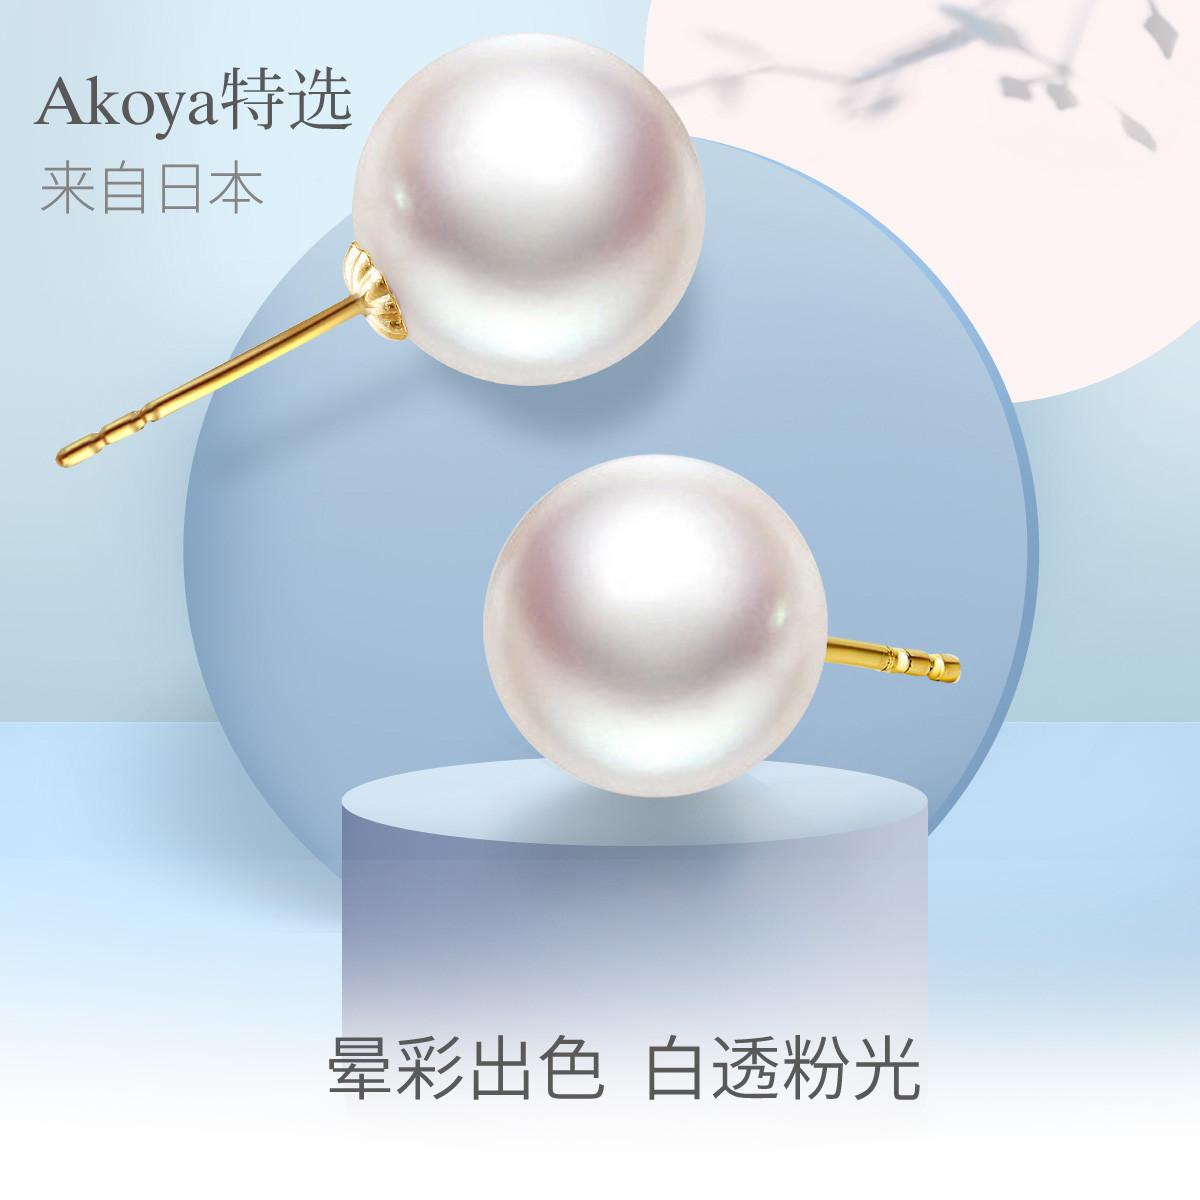 【春上新】18K金正圆强光高亮珠日本Akoya海水珍珠耳钉